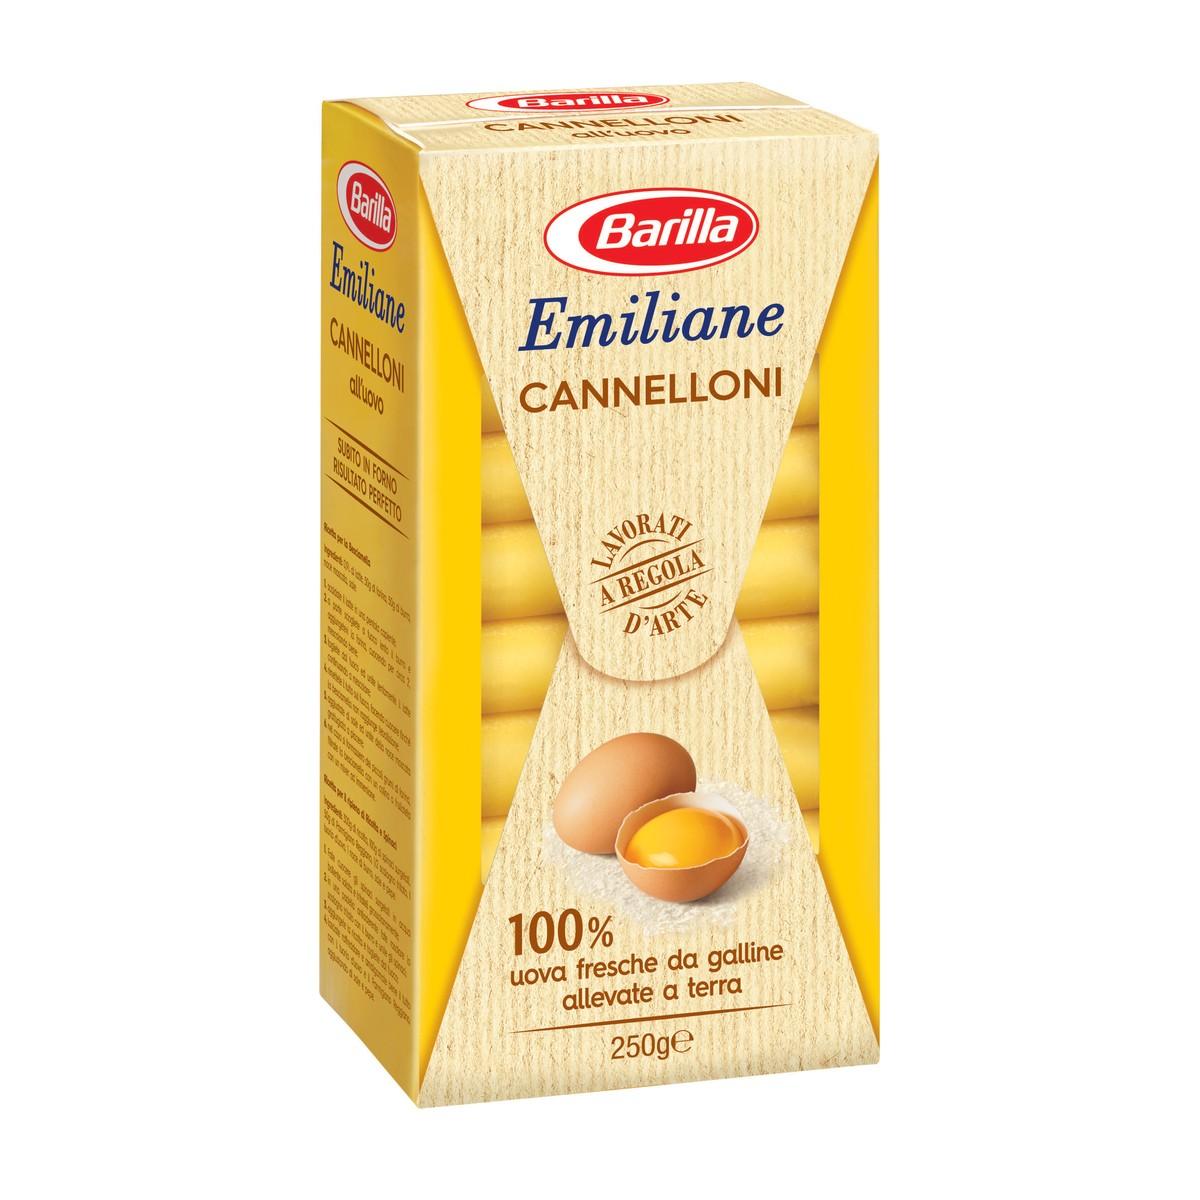 BARILLA Cannelloni all'uovo Emiliane